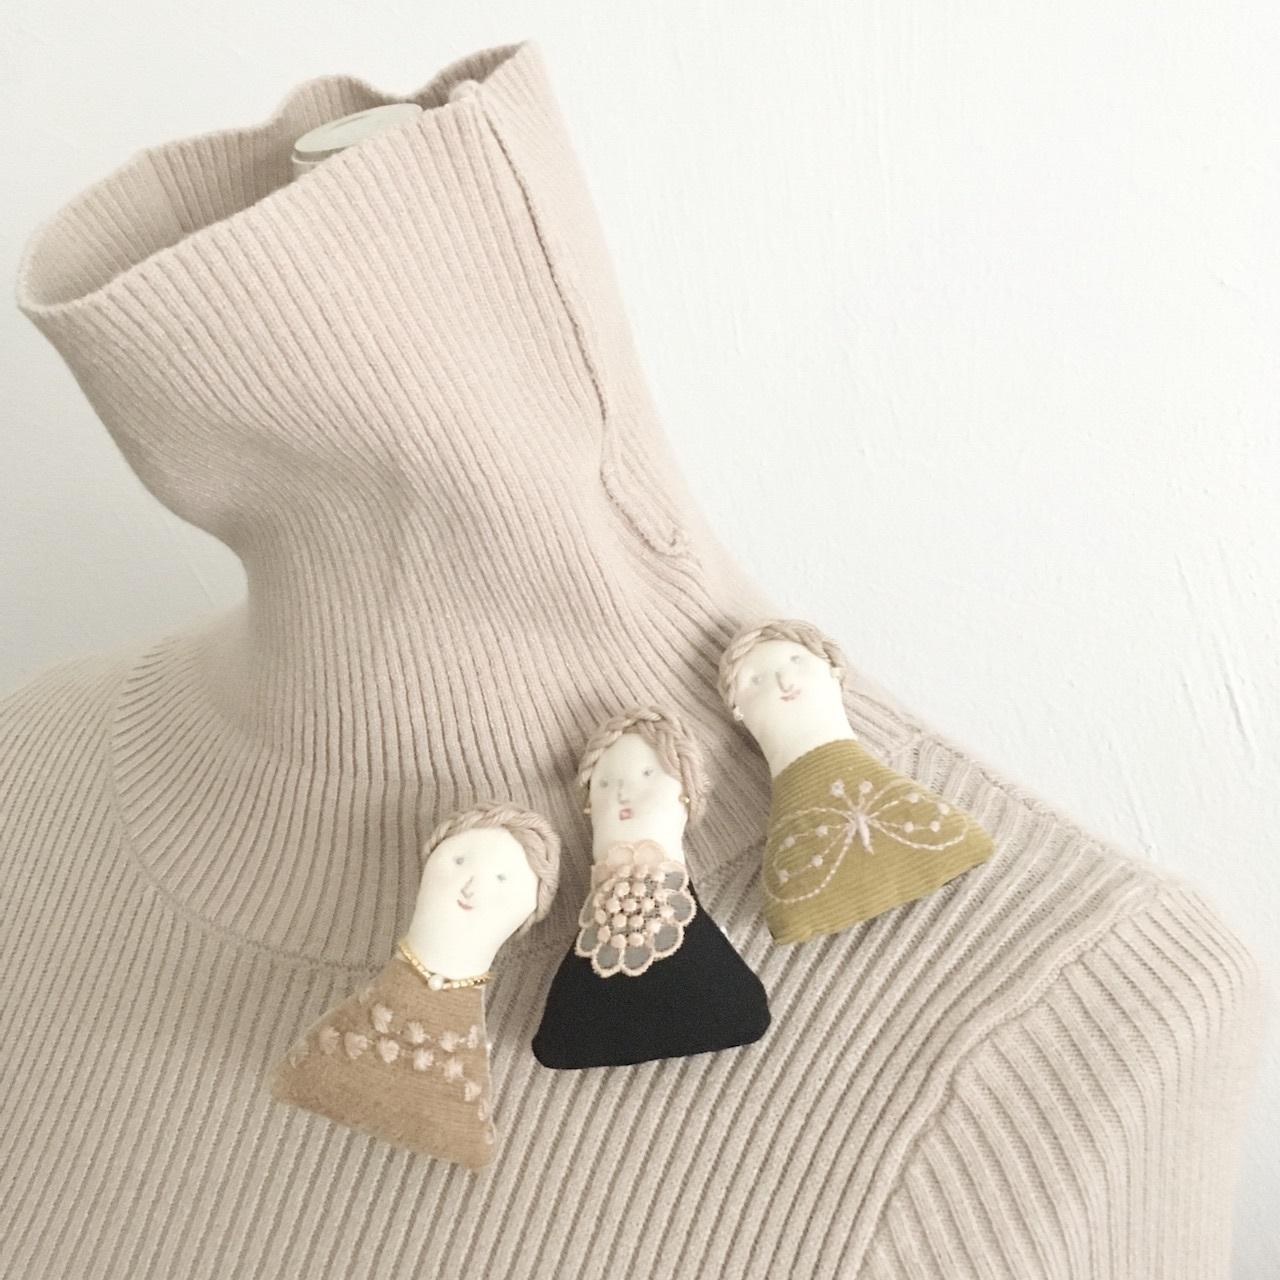 Doll-Brooch(ドールブローチ)/ドールのブローチ by Vár